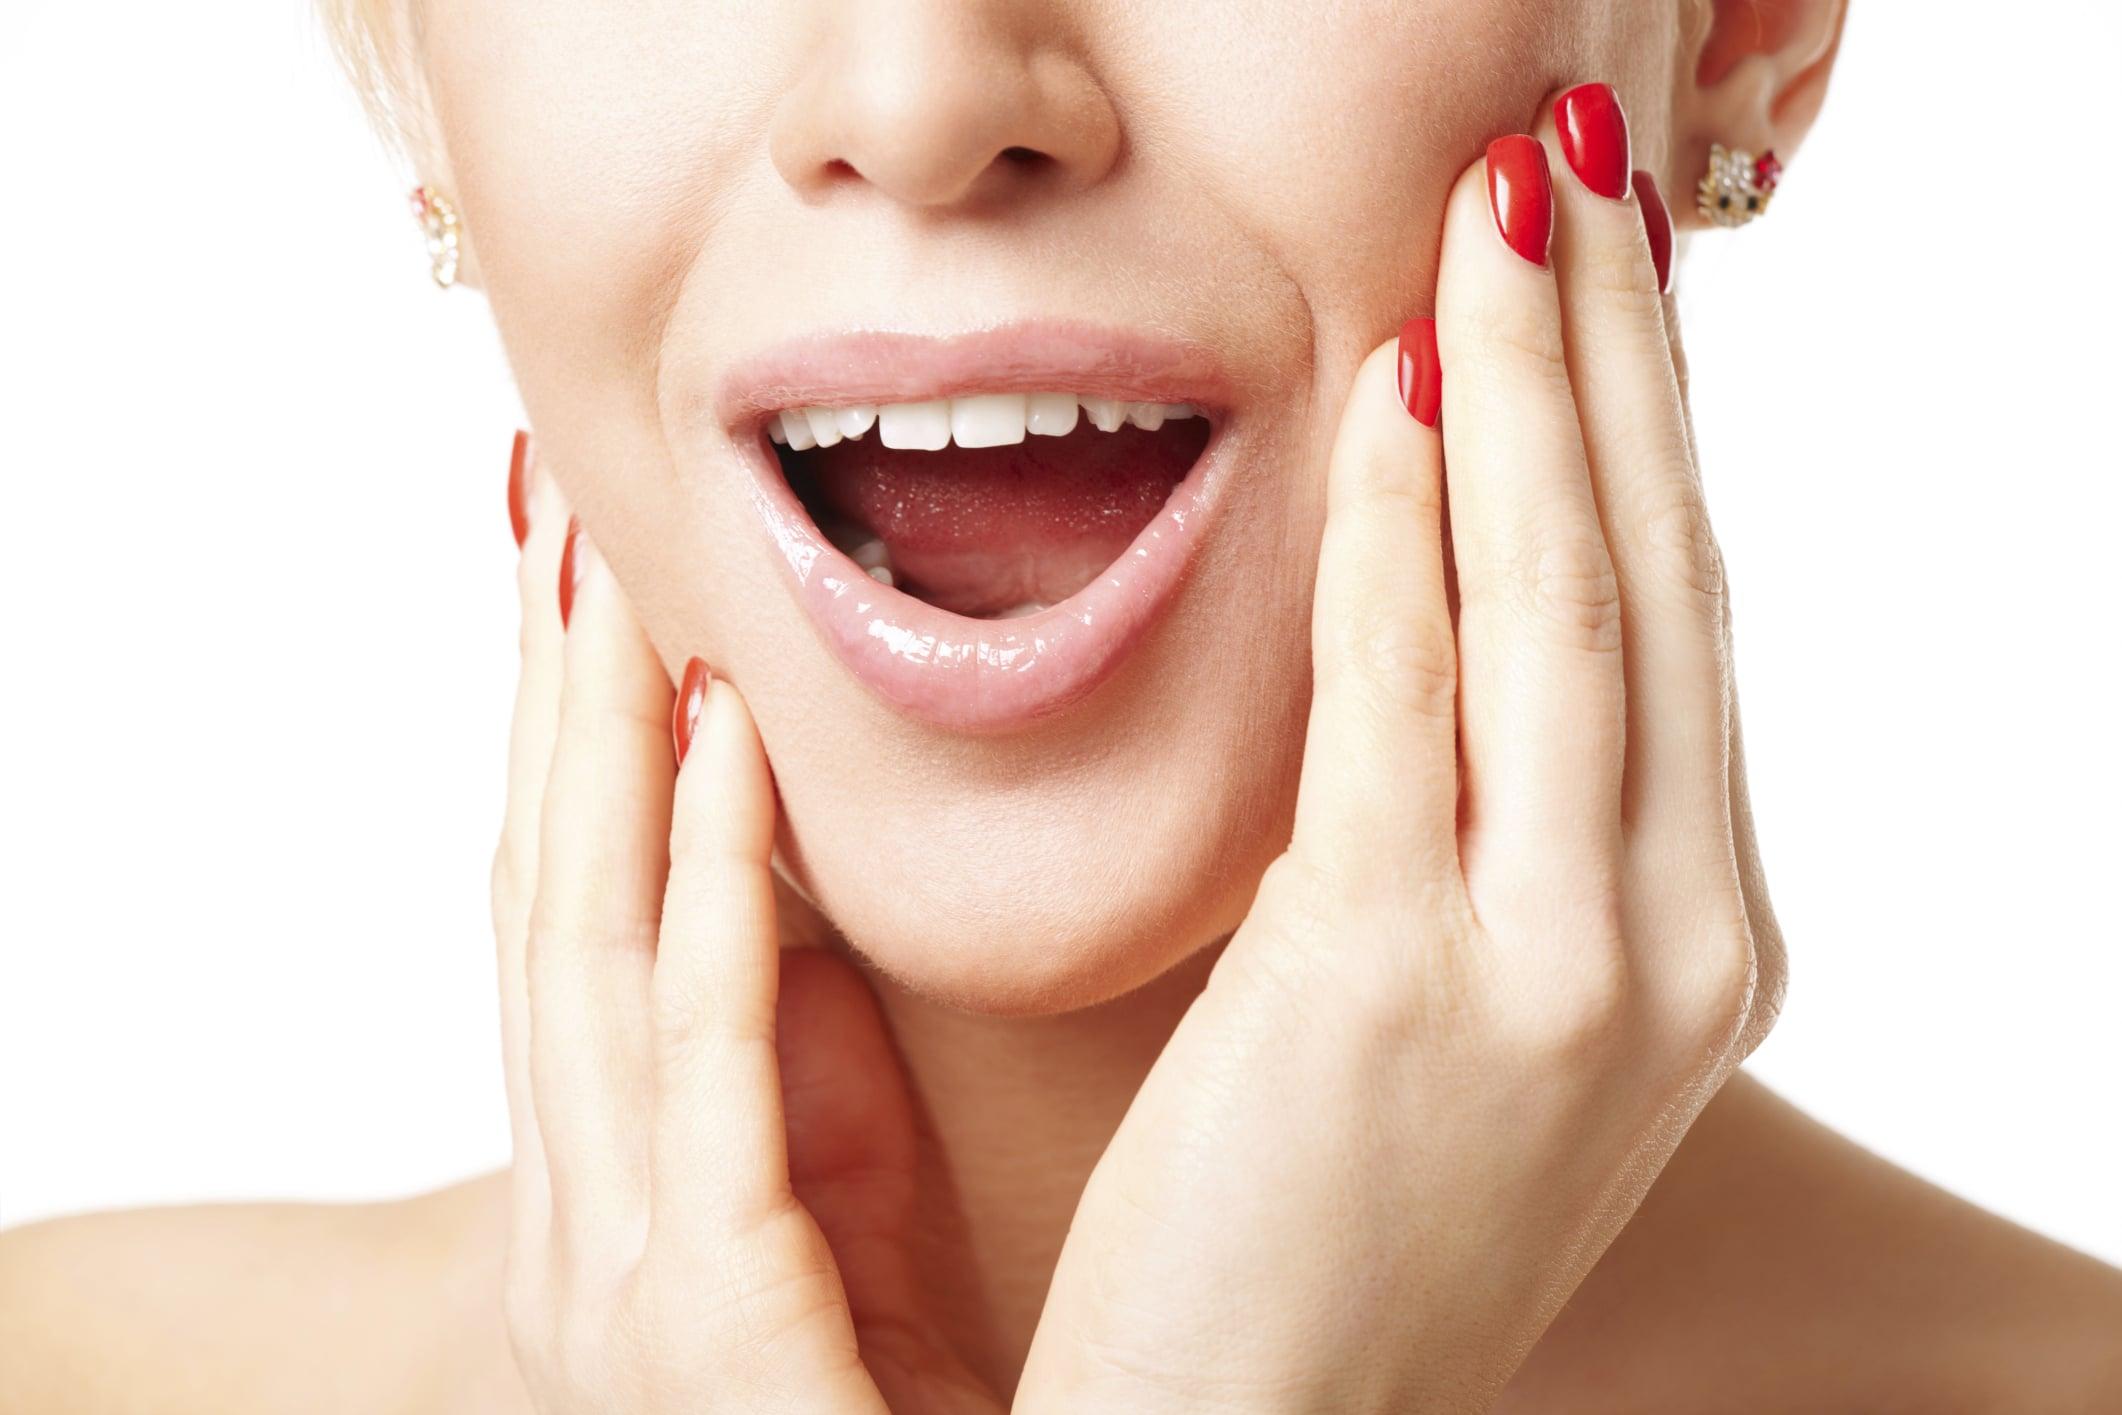 Cách chữa há miệng có tiếng kêu như thế nào? Bệnh lý Thái Dương Hàm